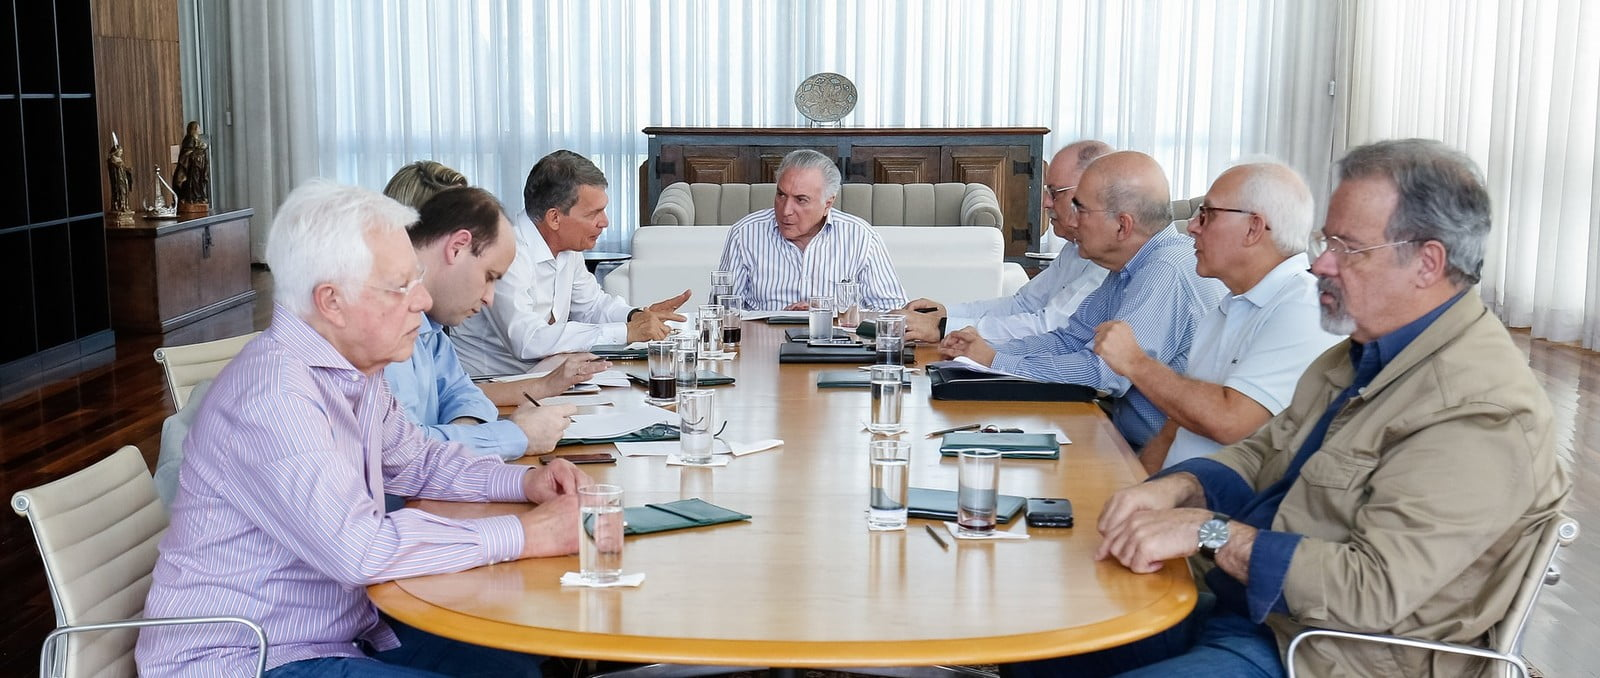 Temer e Ministros em reunião no Palácio da Alvorada. / Foto: Alan Santos. / Presidência da República.